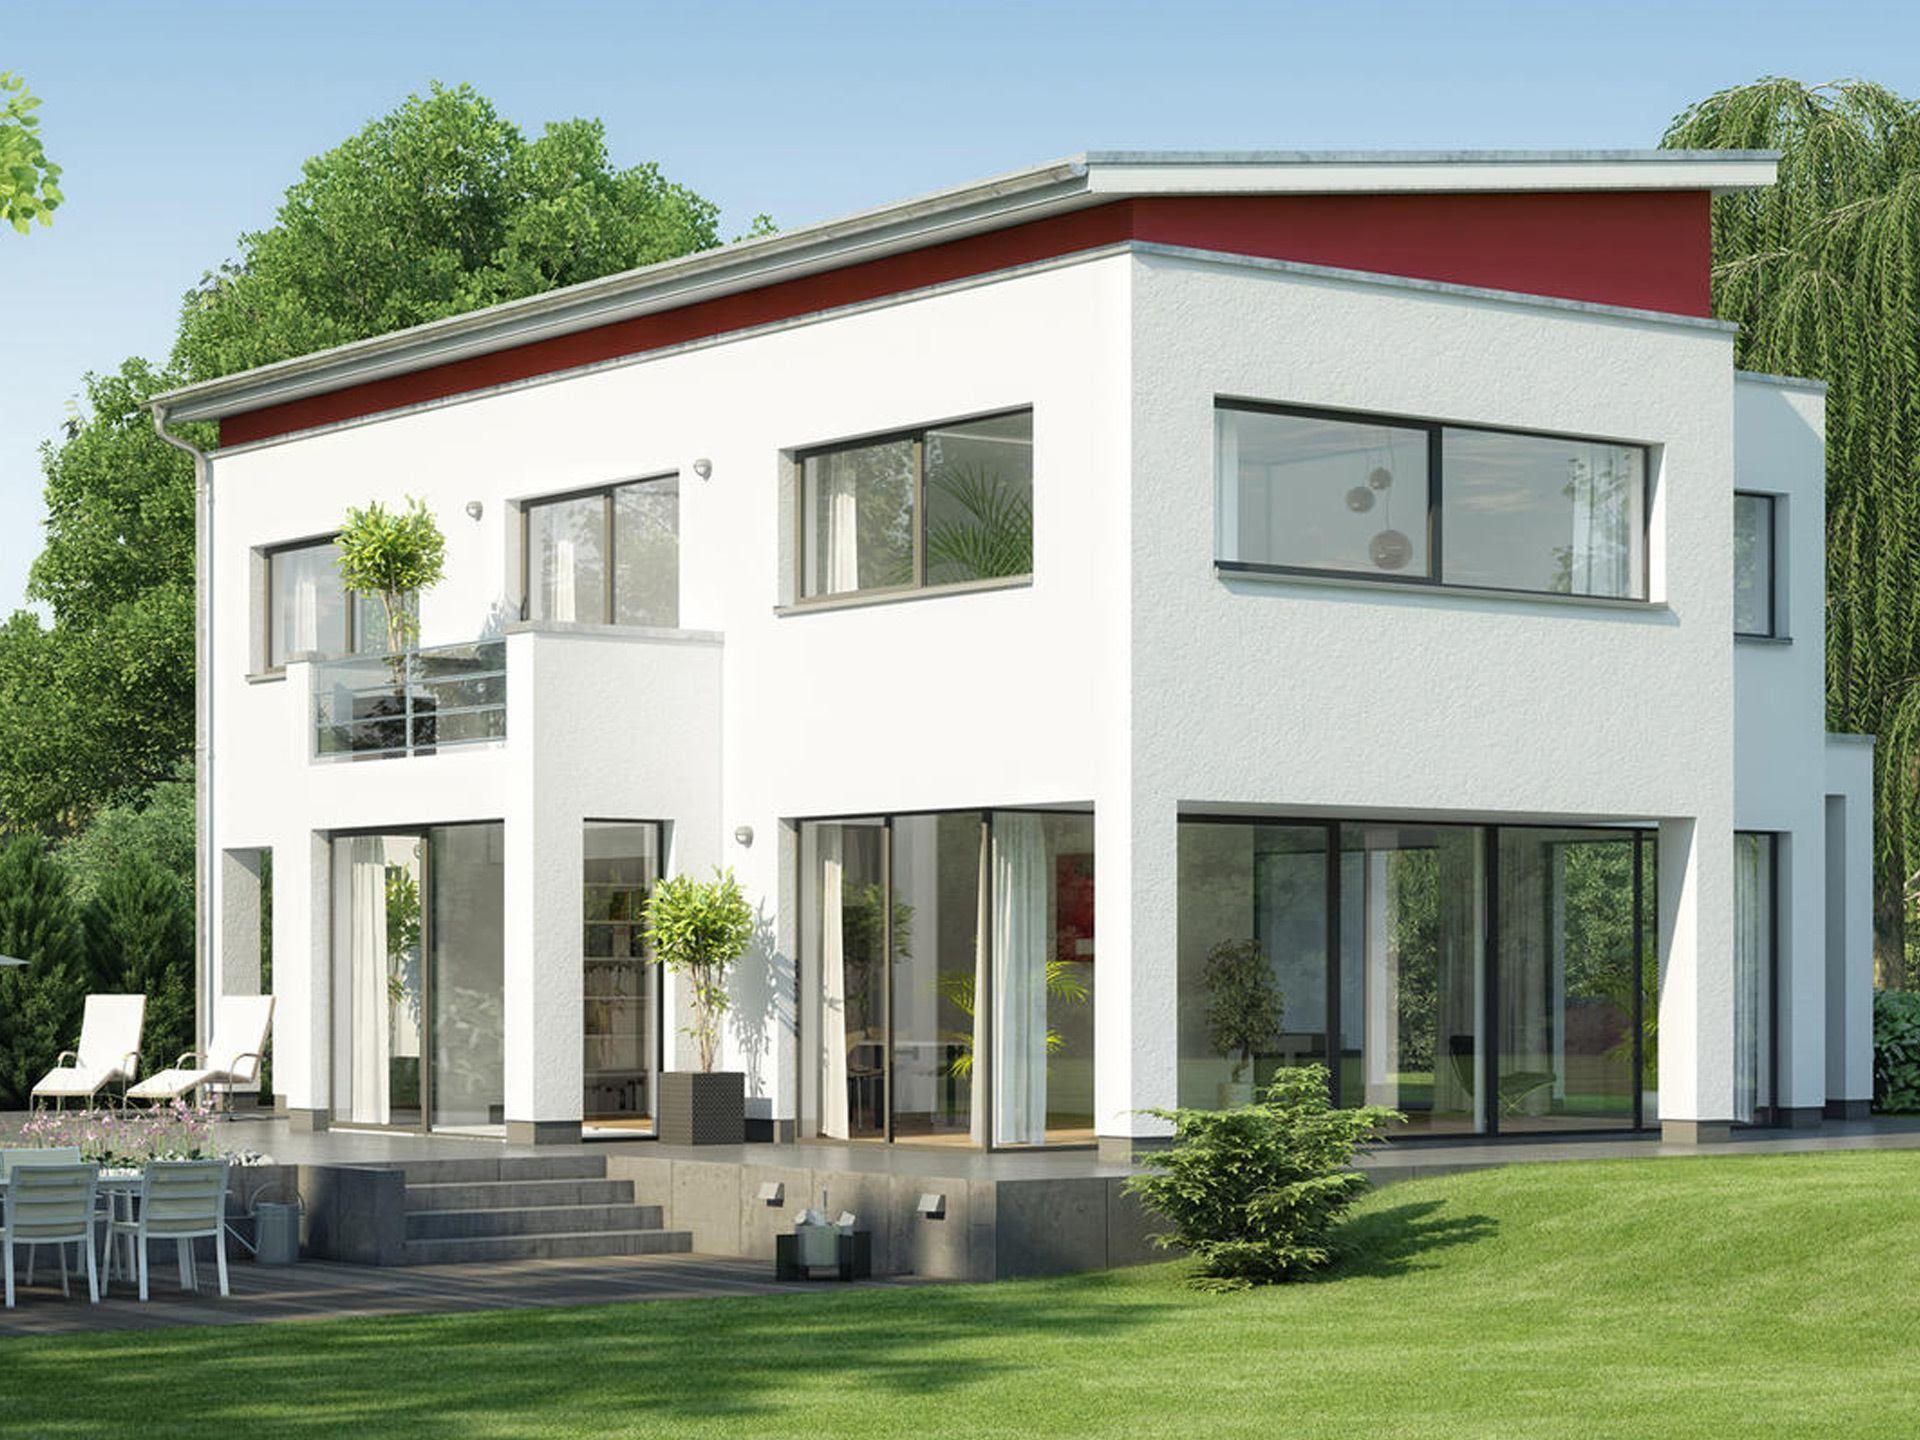 CIRRO PD. 400 • Pultdachhaus von Heinz von Heiden • Attraktives Massivhaus mit zahlreichen architektonischen Highlights und über 244 qm Wohnfläche • Jetzt bei Musterhaus.net informieren!